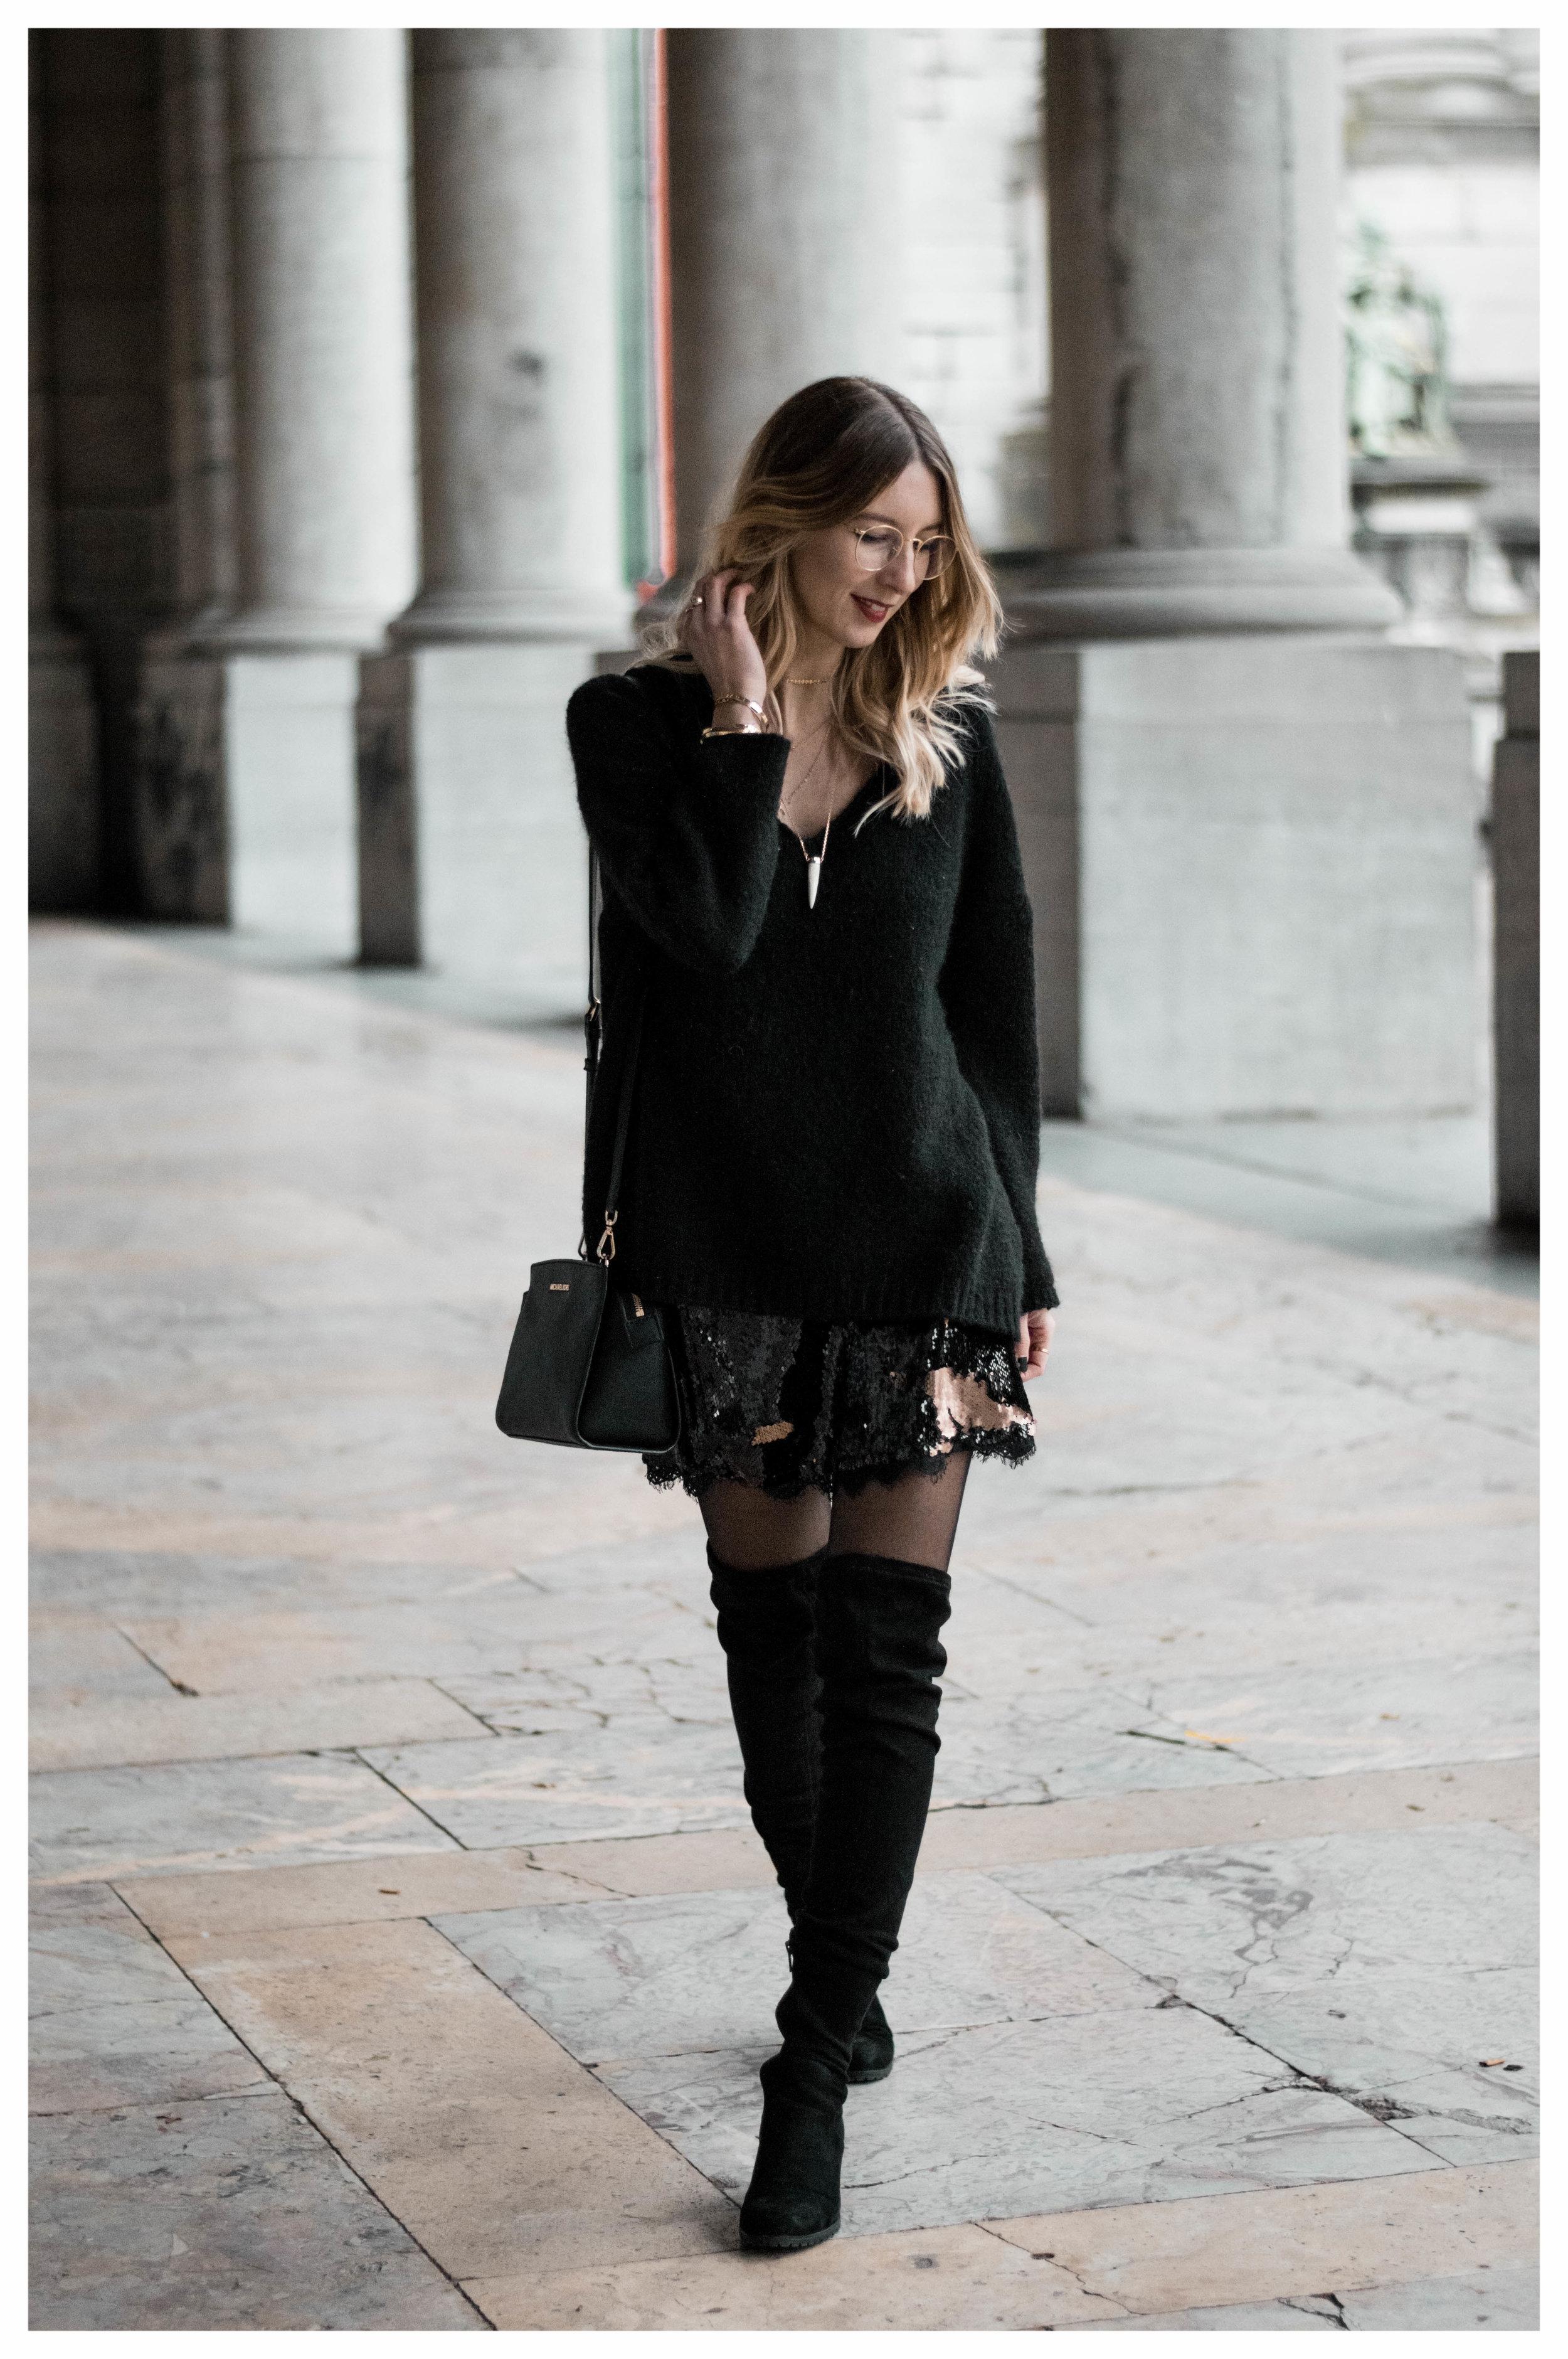 Party Dress Zalando - OSIARAH.COM (36 sur 41).jpg